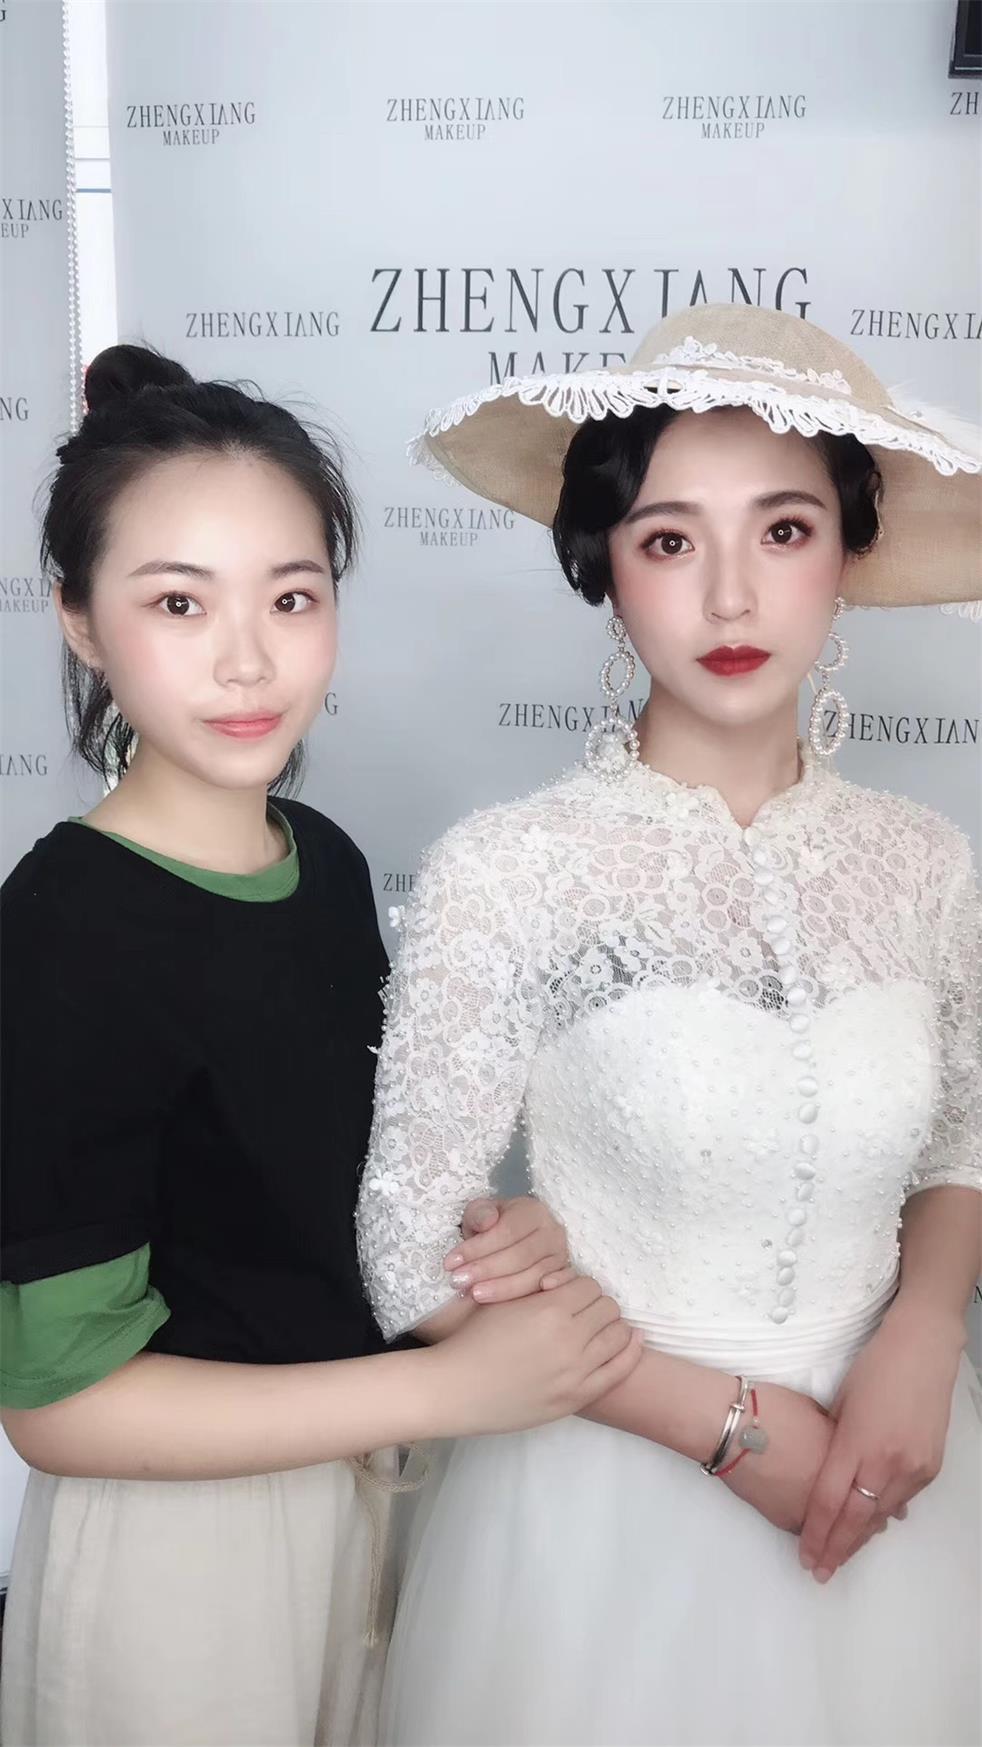 城西区专业化妆培训学校怎么样 真诚推荐 青海郑响文化传播供应